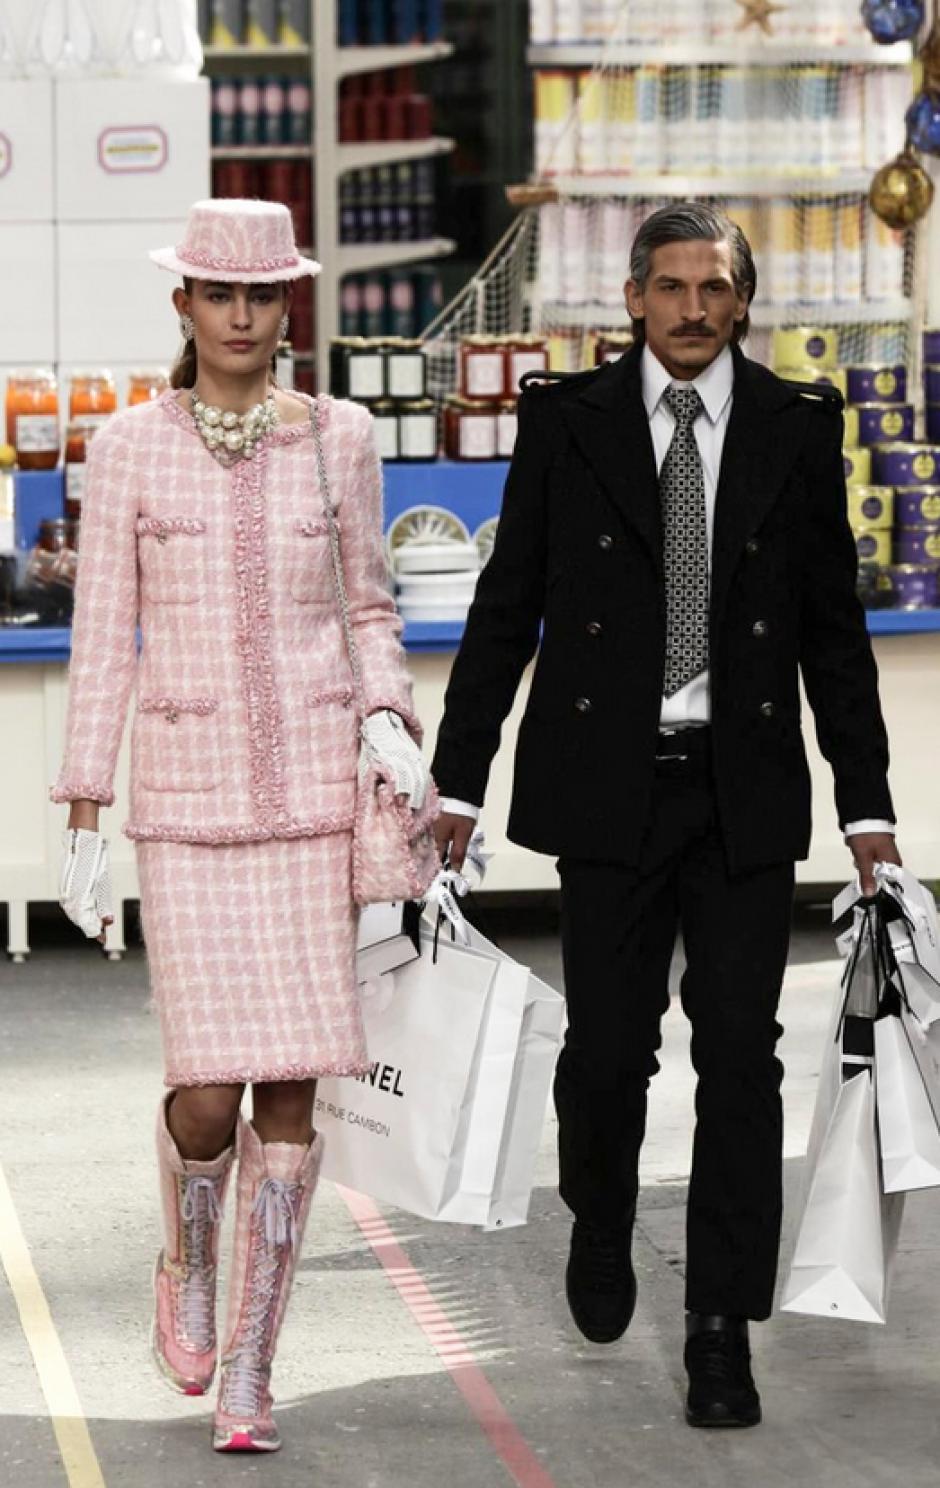 El supermercado fue el marco que el diseñador Karl Lagerfeld. (Foto: NowFashion)